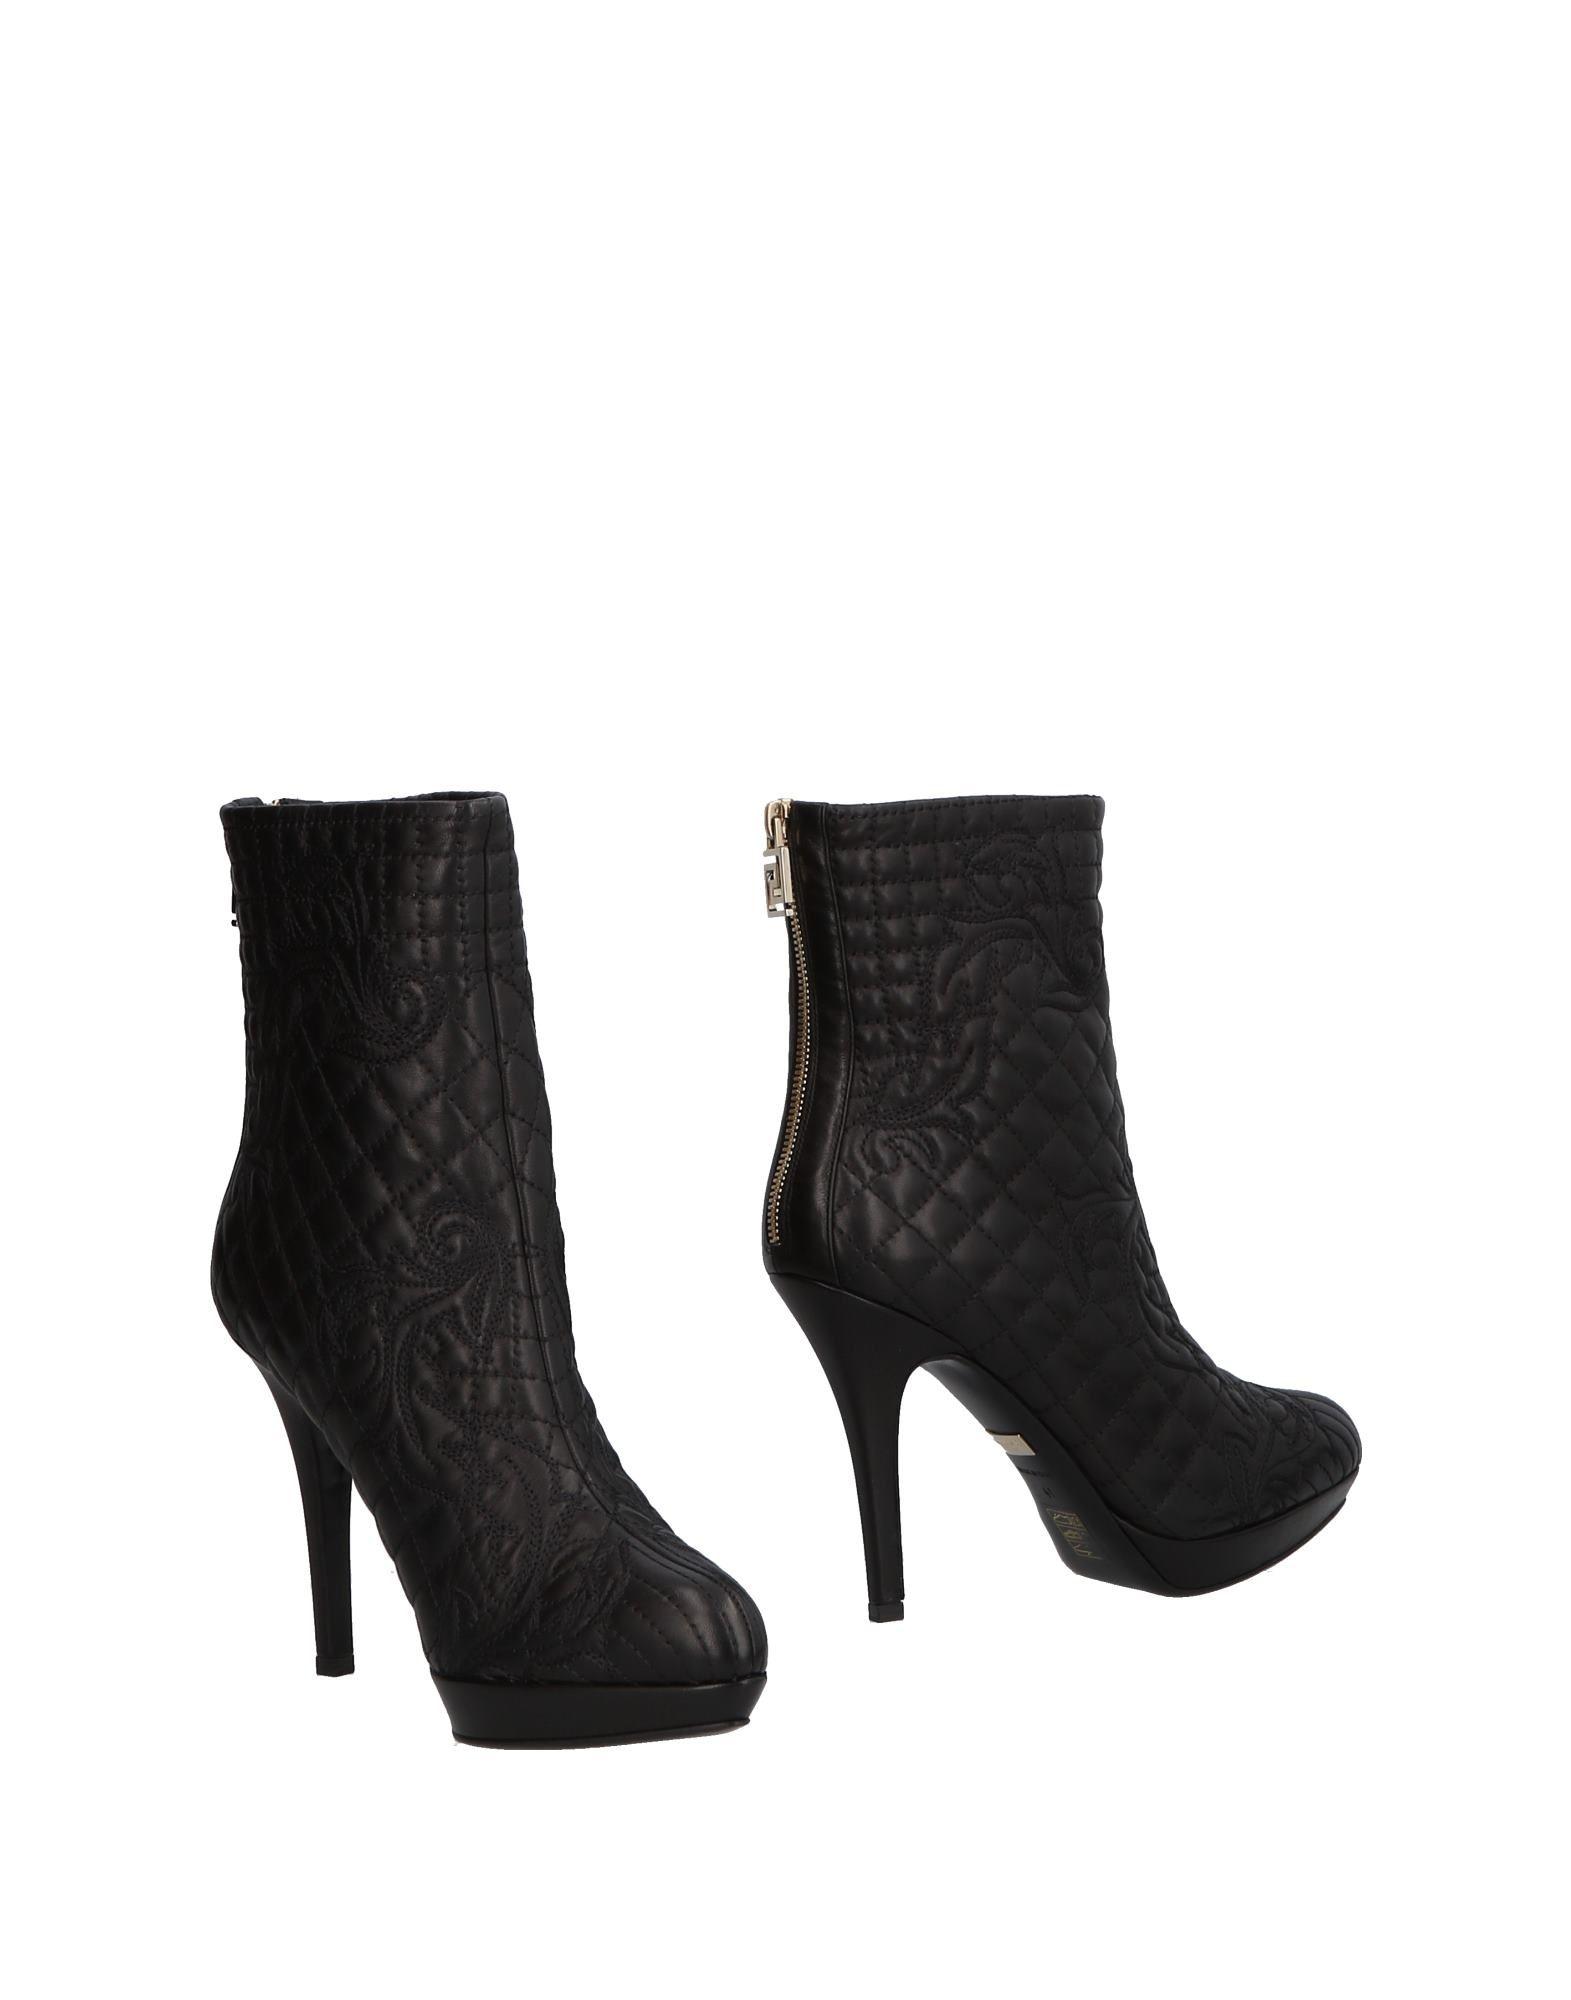 Scarpe economiche e resistenti Moda Donna Stivaletti Versace Donna Moda e78948